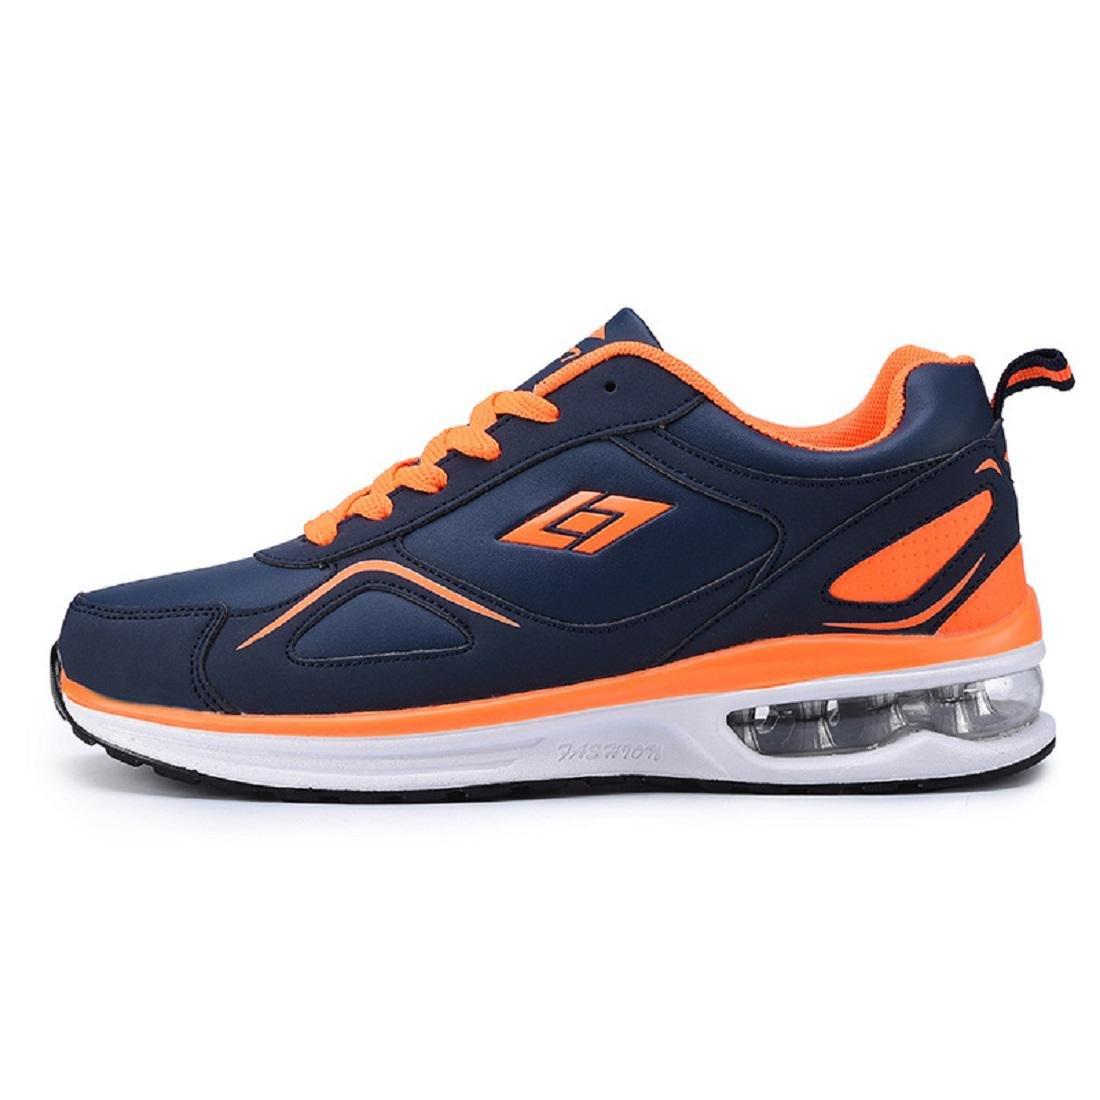 Herren Mode Sportschuhe Große Größe Größe Größe Laufschuhe Trainer Flache Schuhe Turnschuhe Rutschfest EUR GRÖSSE 35-45 dd6582